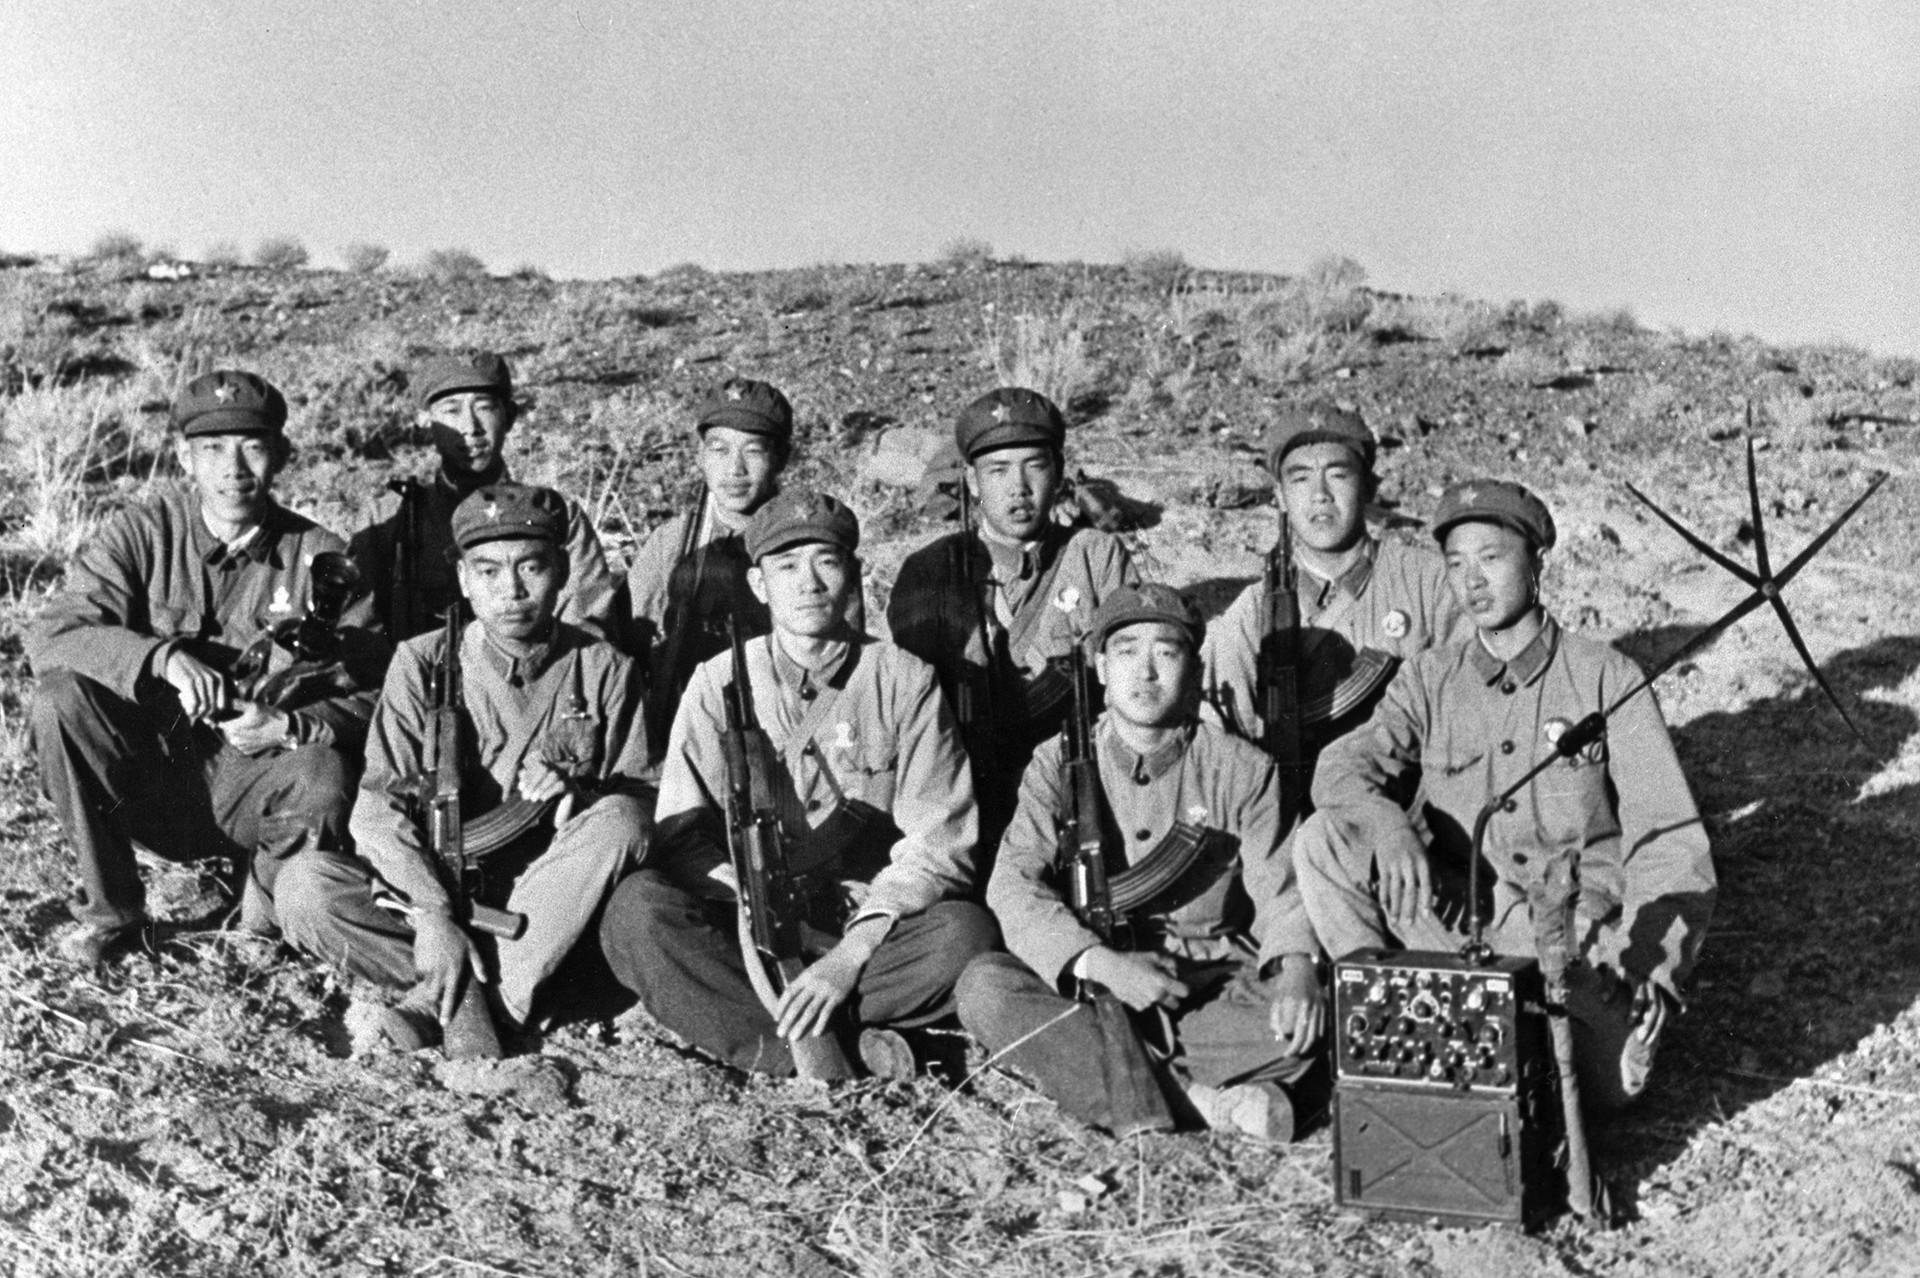 Кинески војници вооружени со пушки Калашников фотографирани за време на борбата со советските погранични единици за време на кинеско-советскиот пограничен судир.